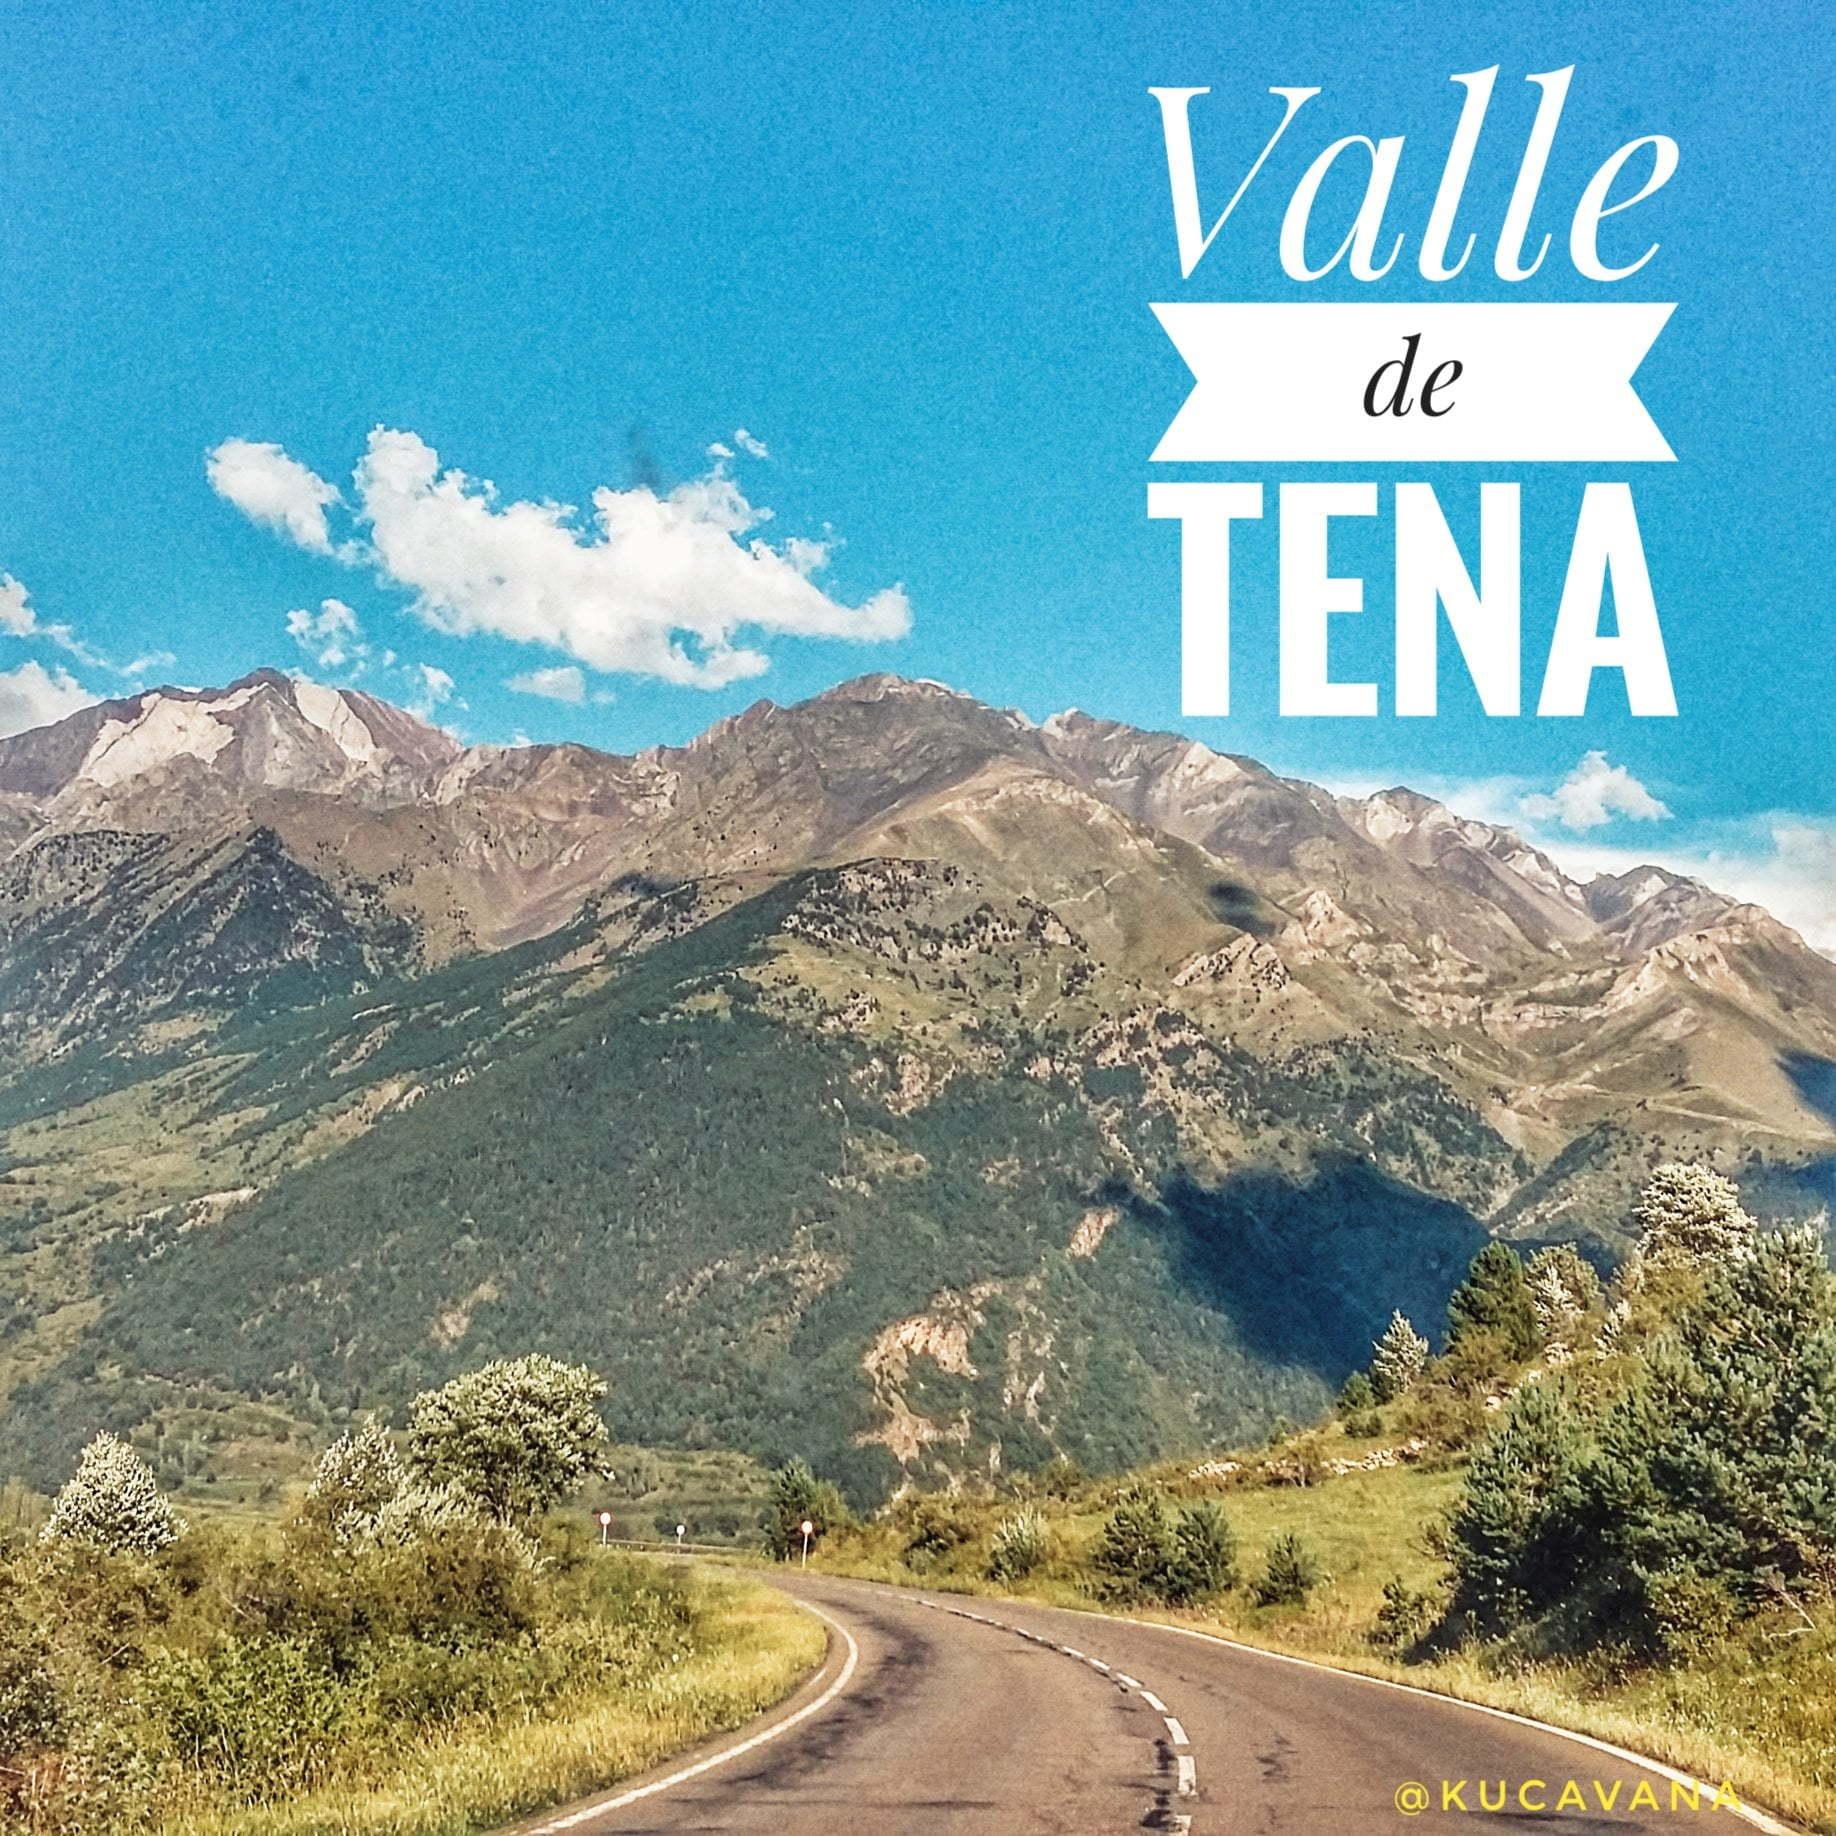 La vallée de Tena, où les Pyrénées s'agenouillent à vos pieds